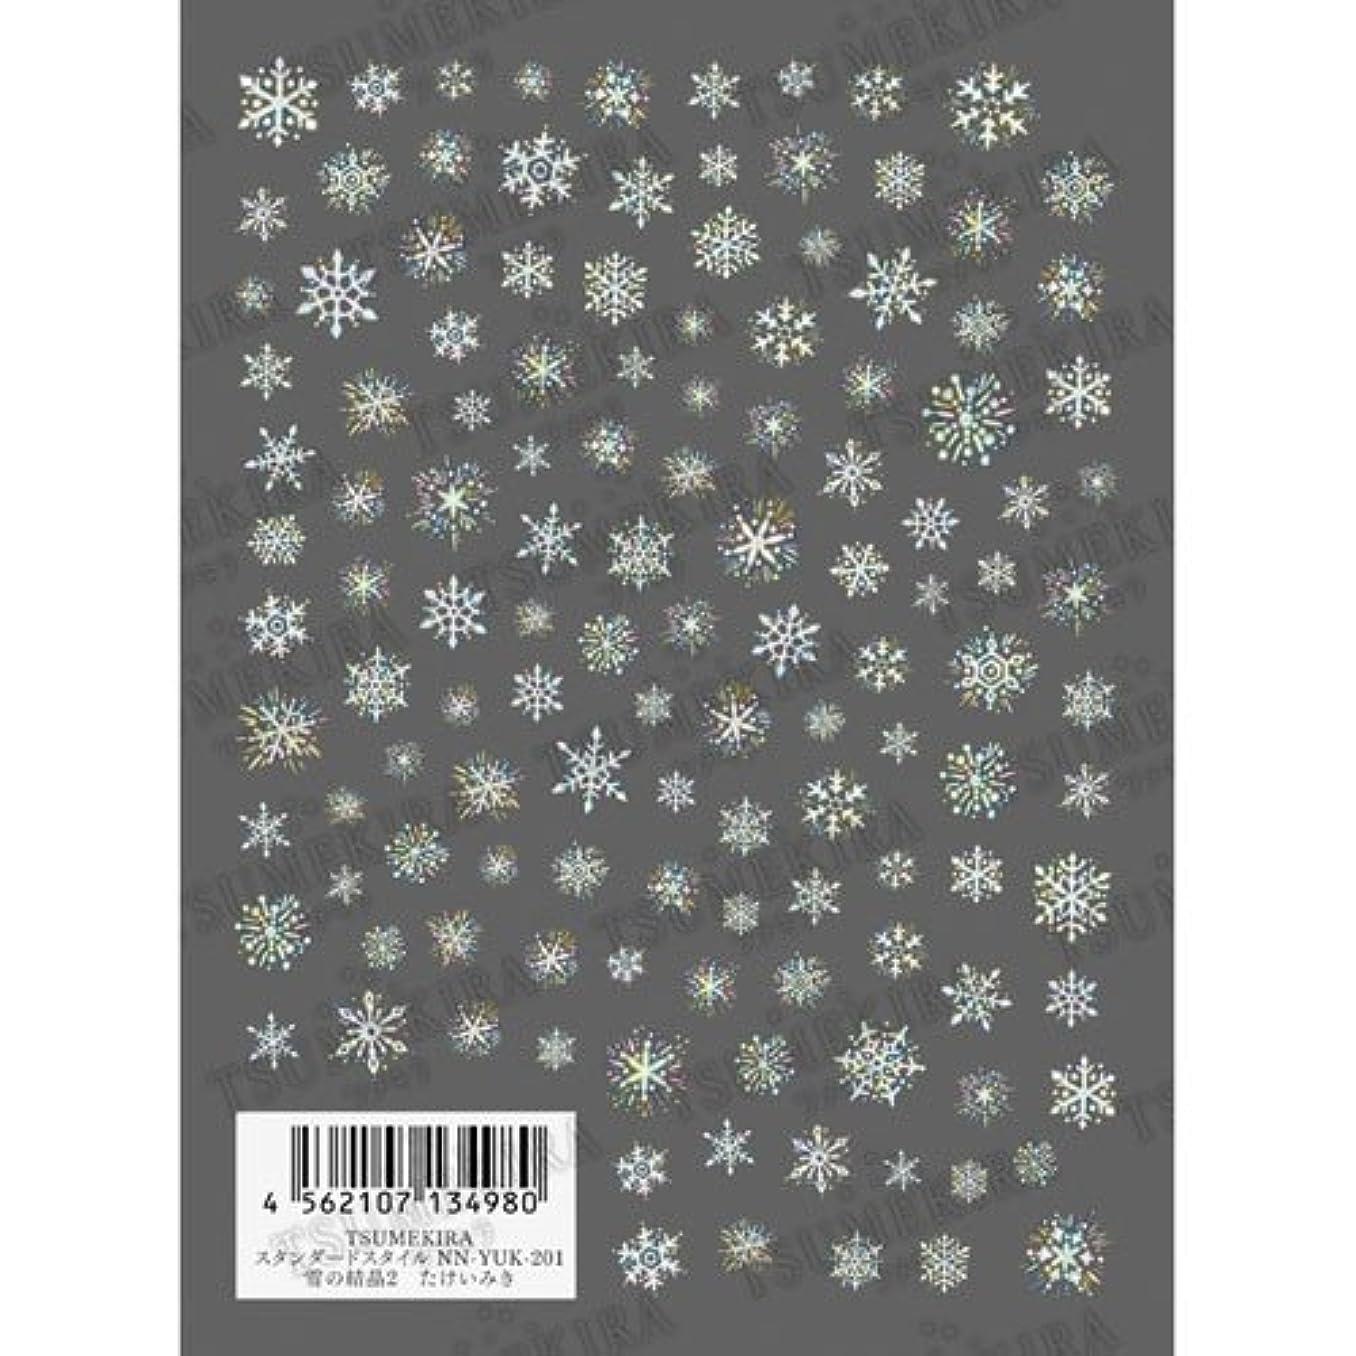 テニス魅力的含めるツメキラ ネイル用シール スタンダードシリーズ 雪の結晶2 NN-YUK-201